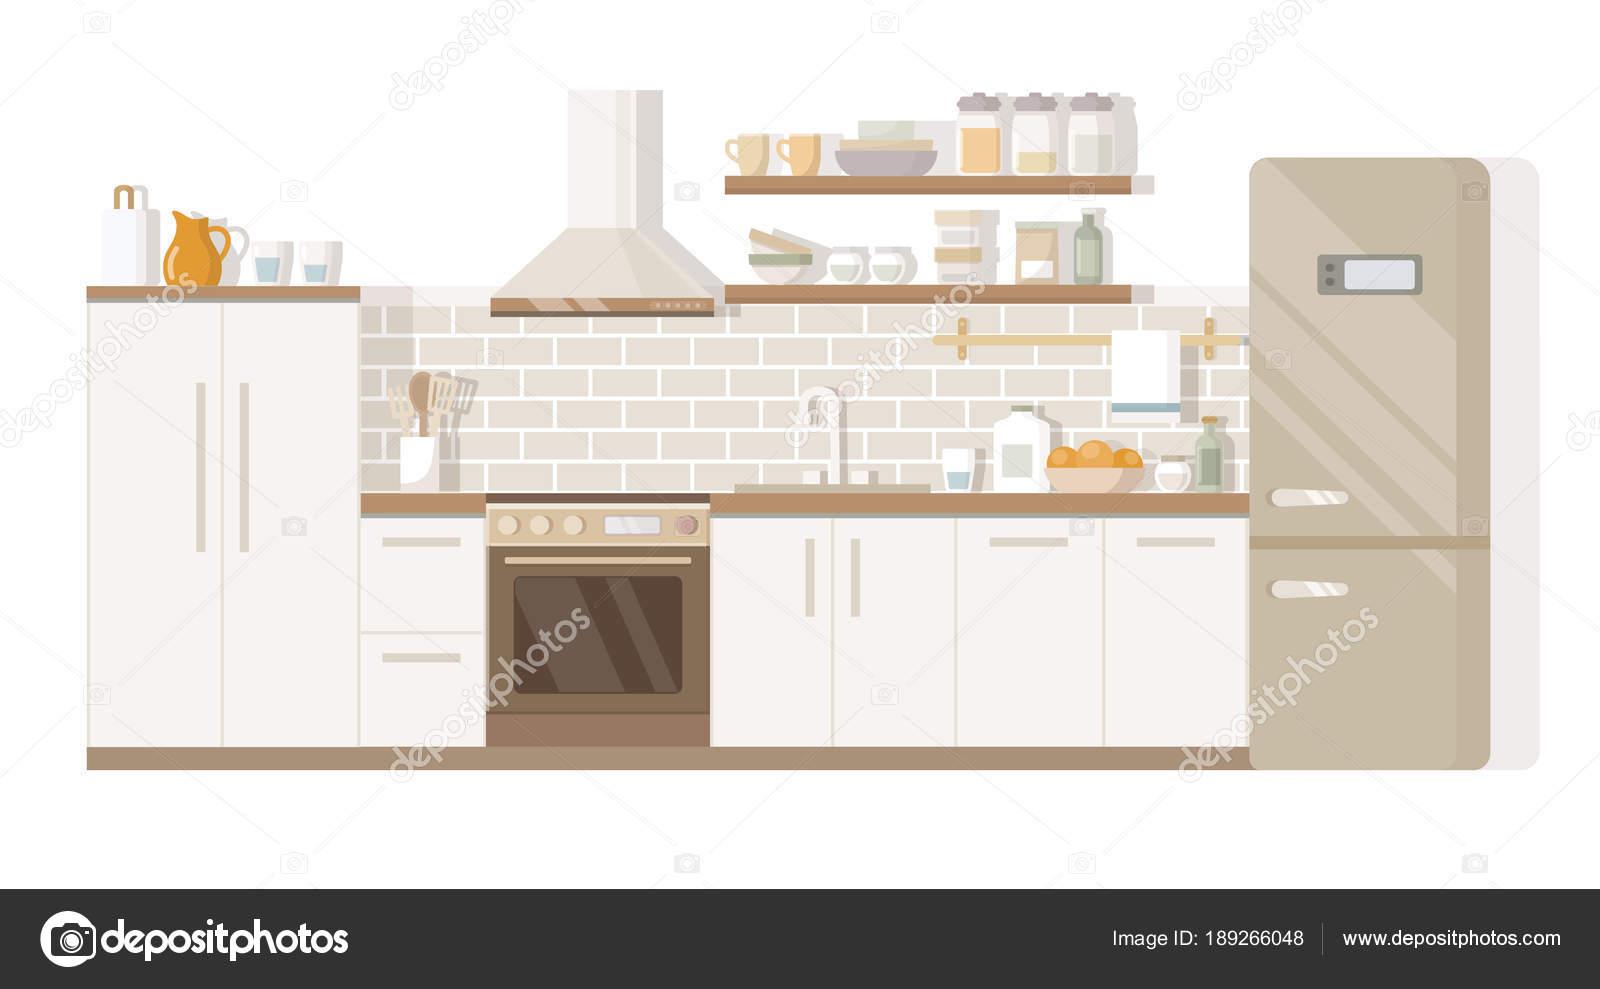 Frigorifero e tavolo da cucina interni mobili per la casa ...